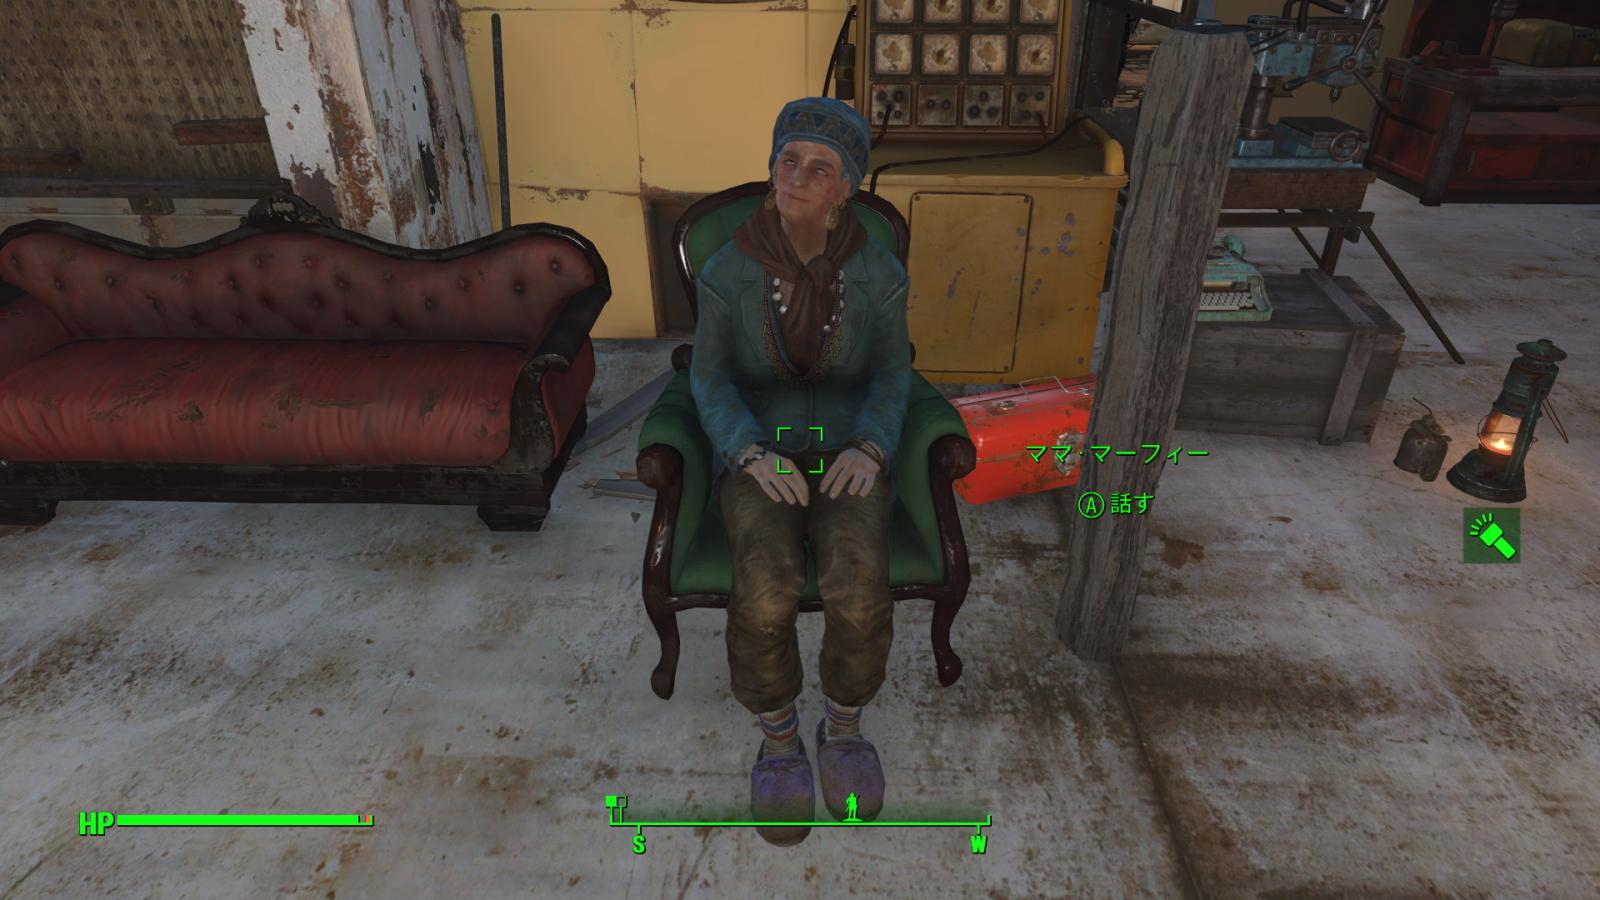 ママ マーフィー 椅子